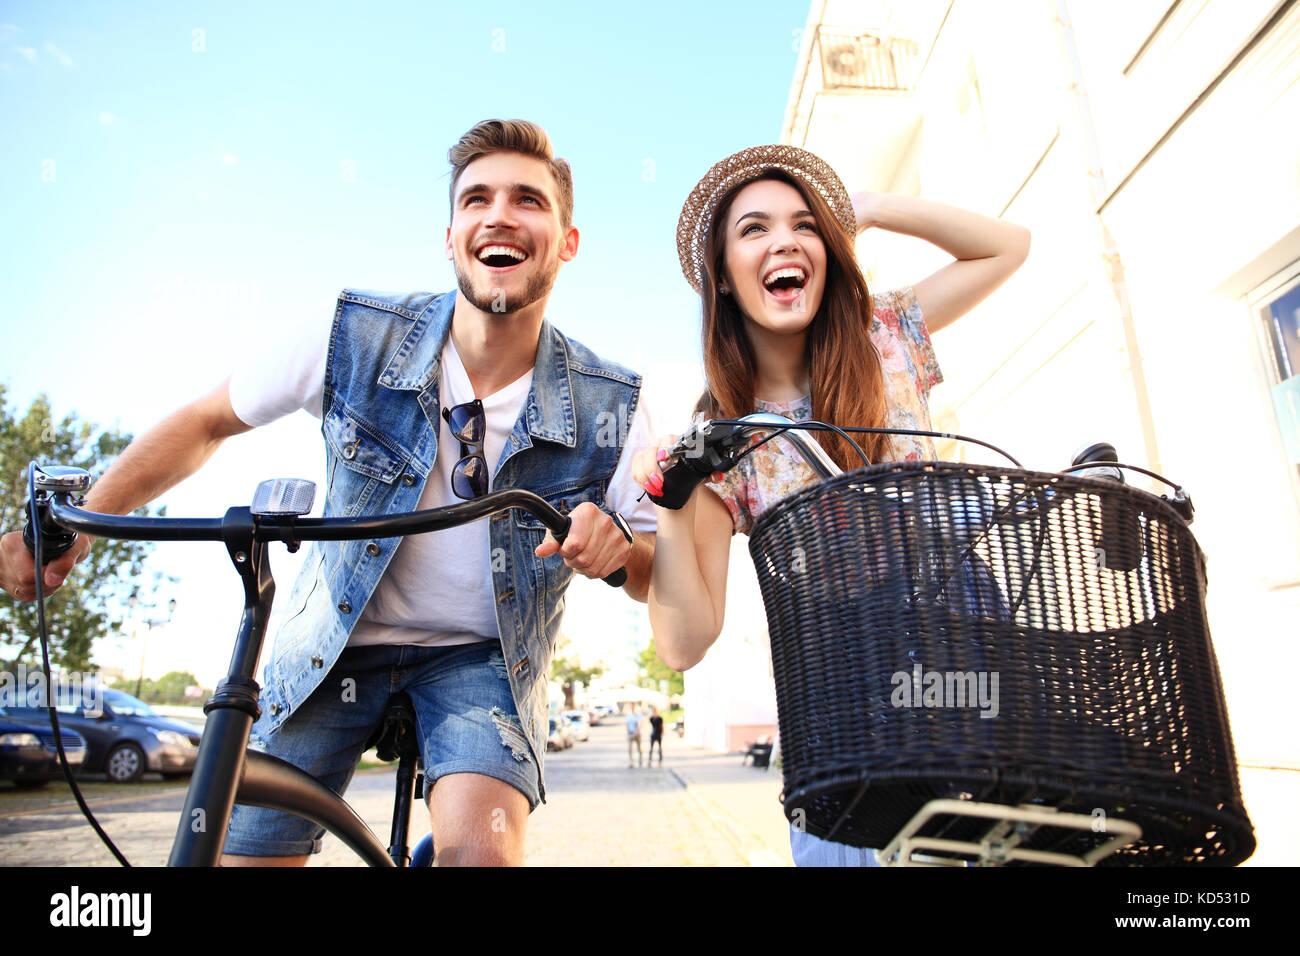 Feliz pareja joven va para un paseo en bicicleta en un día de verano en la ciudad.se divierten juntos. Imagen De Stock